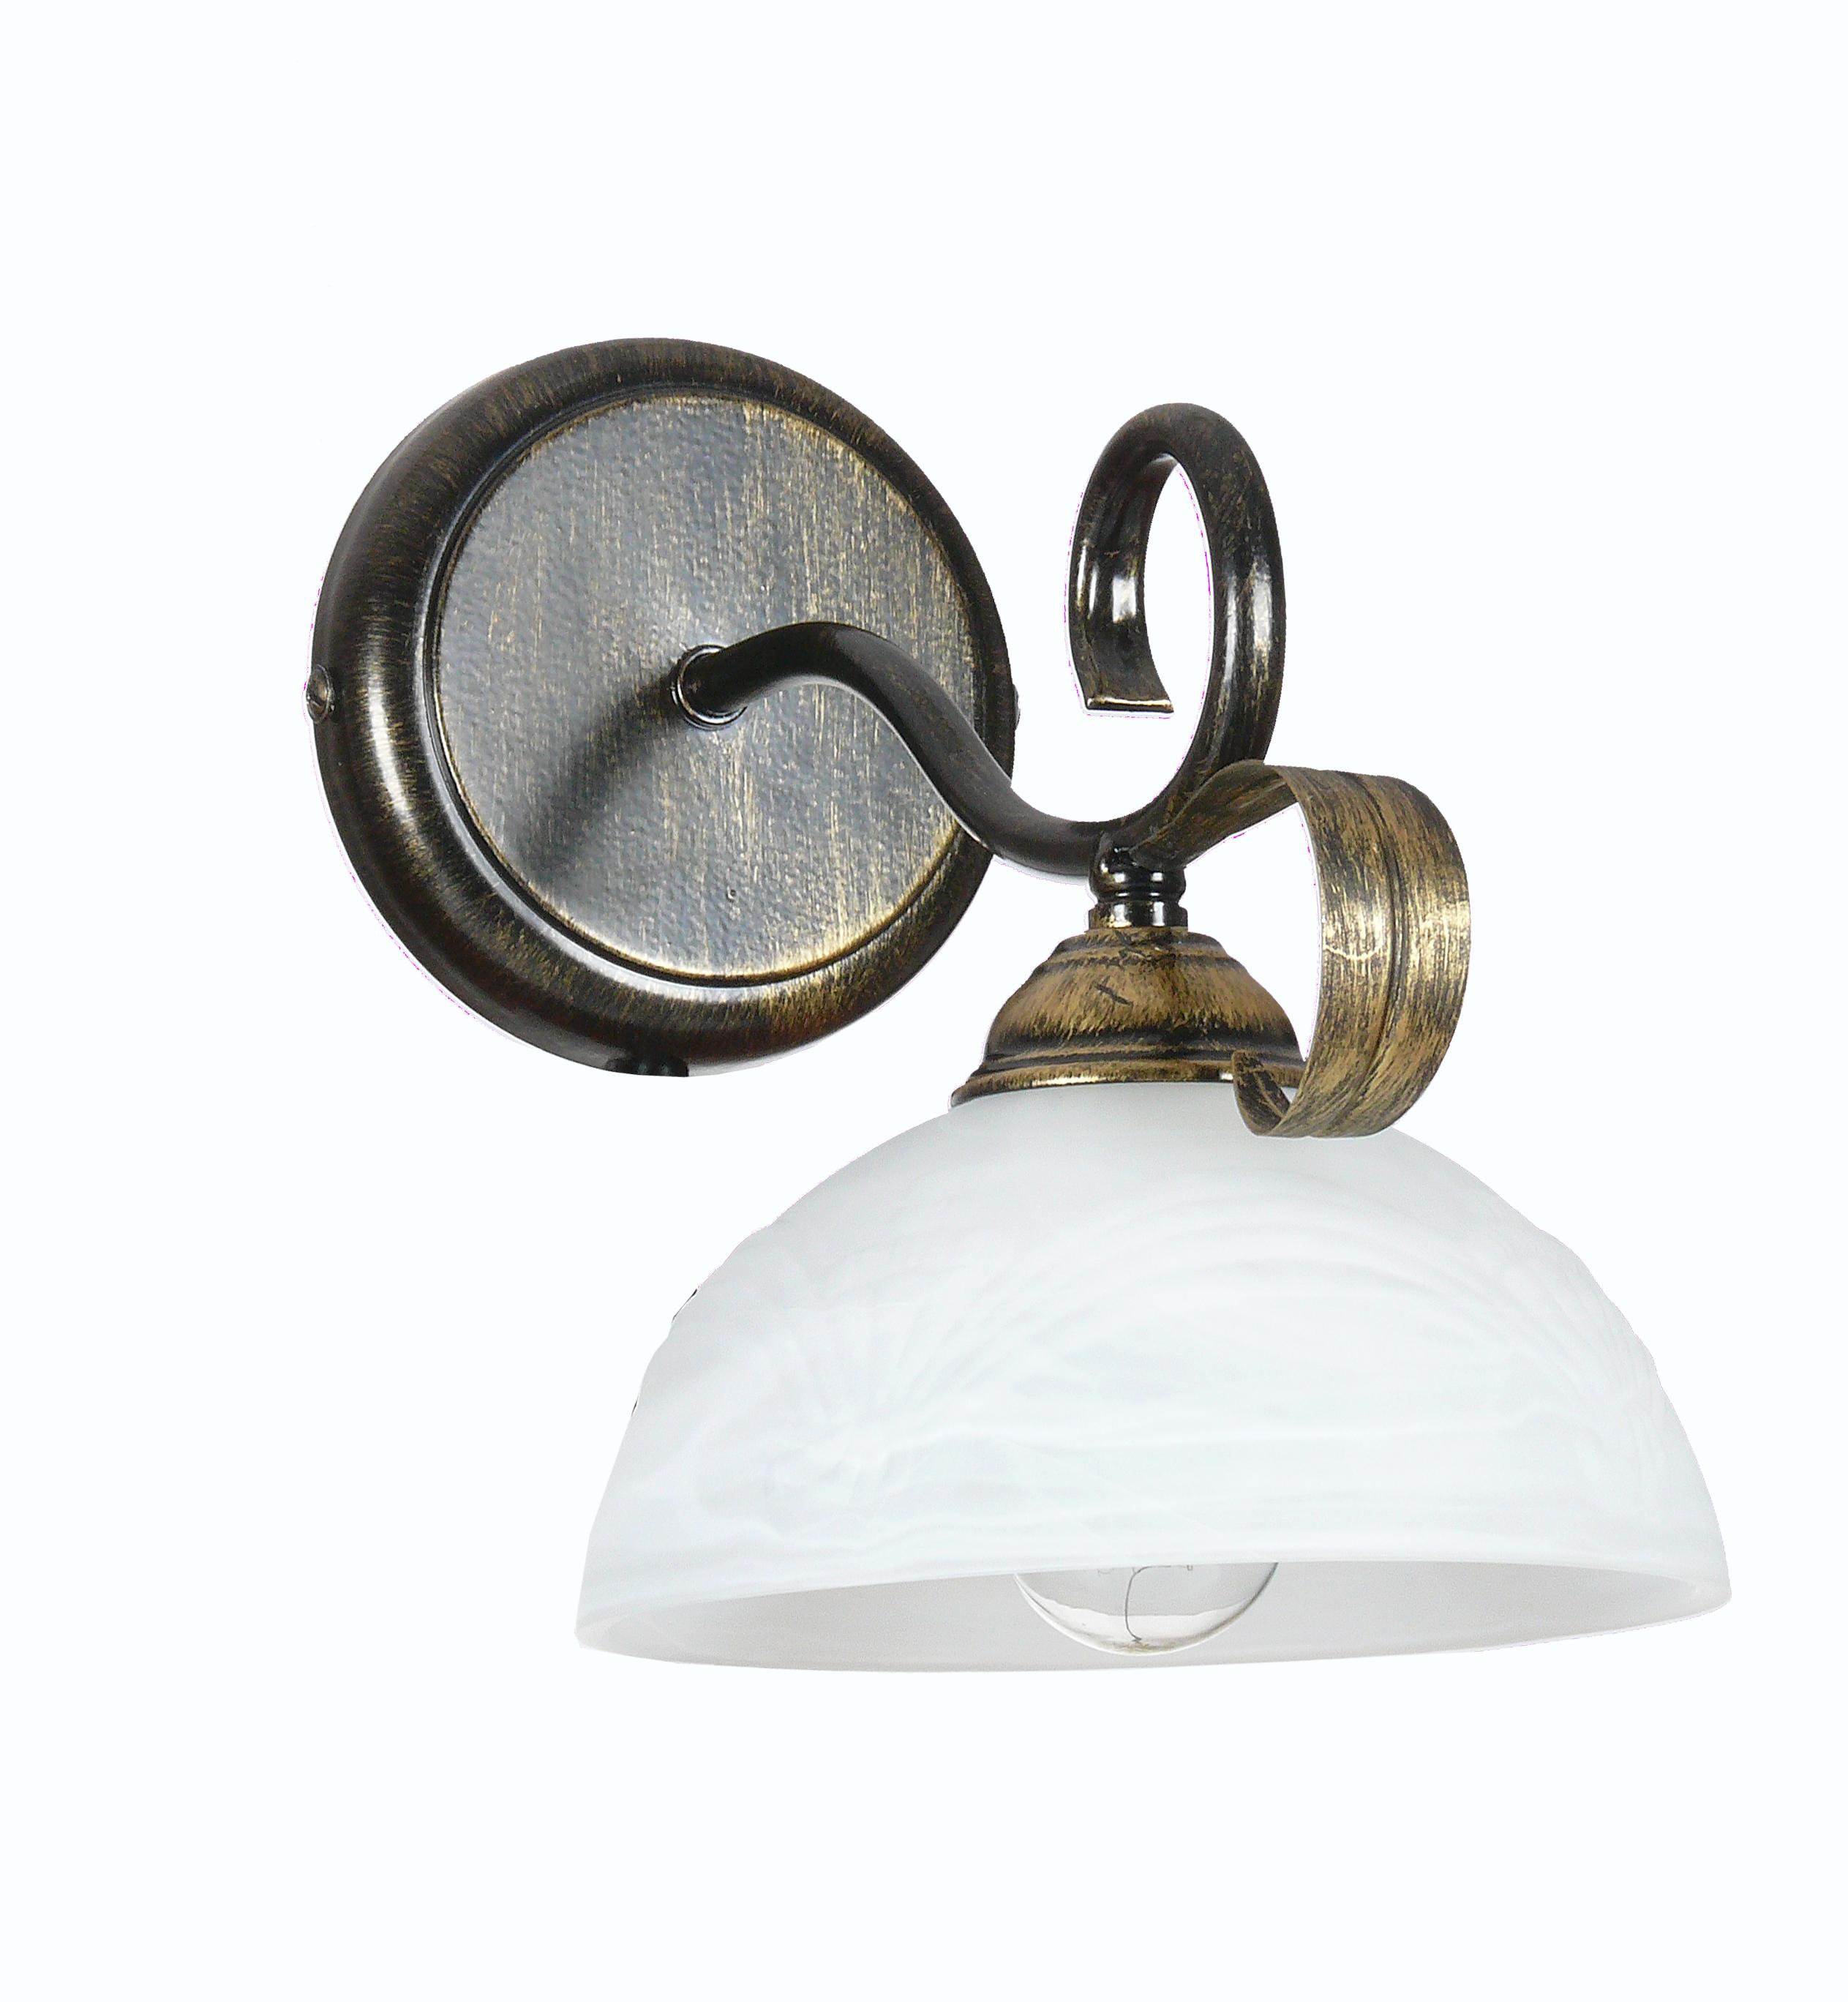 Светильник настенный АВРОРА Прага 10106-1b светильник настенный аврора лагуна 10023 1b